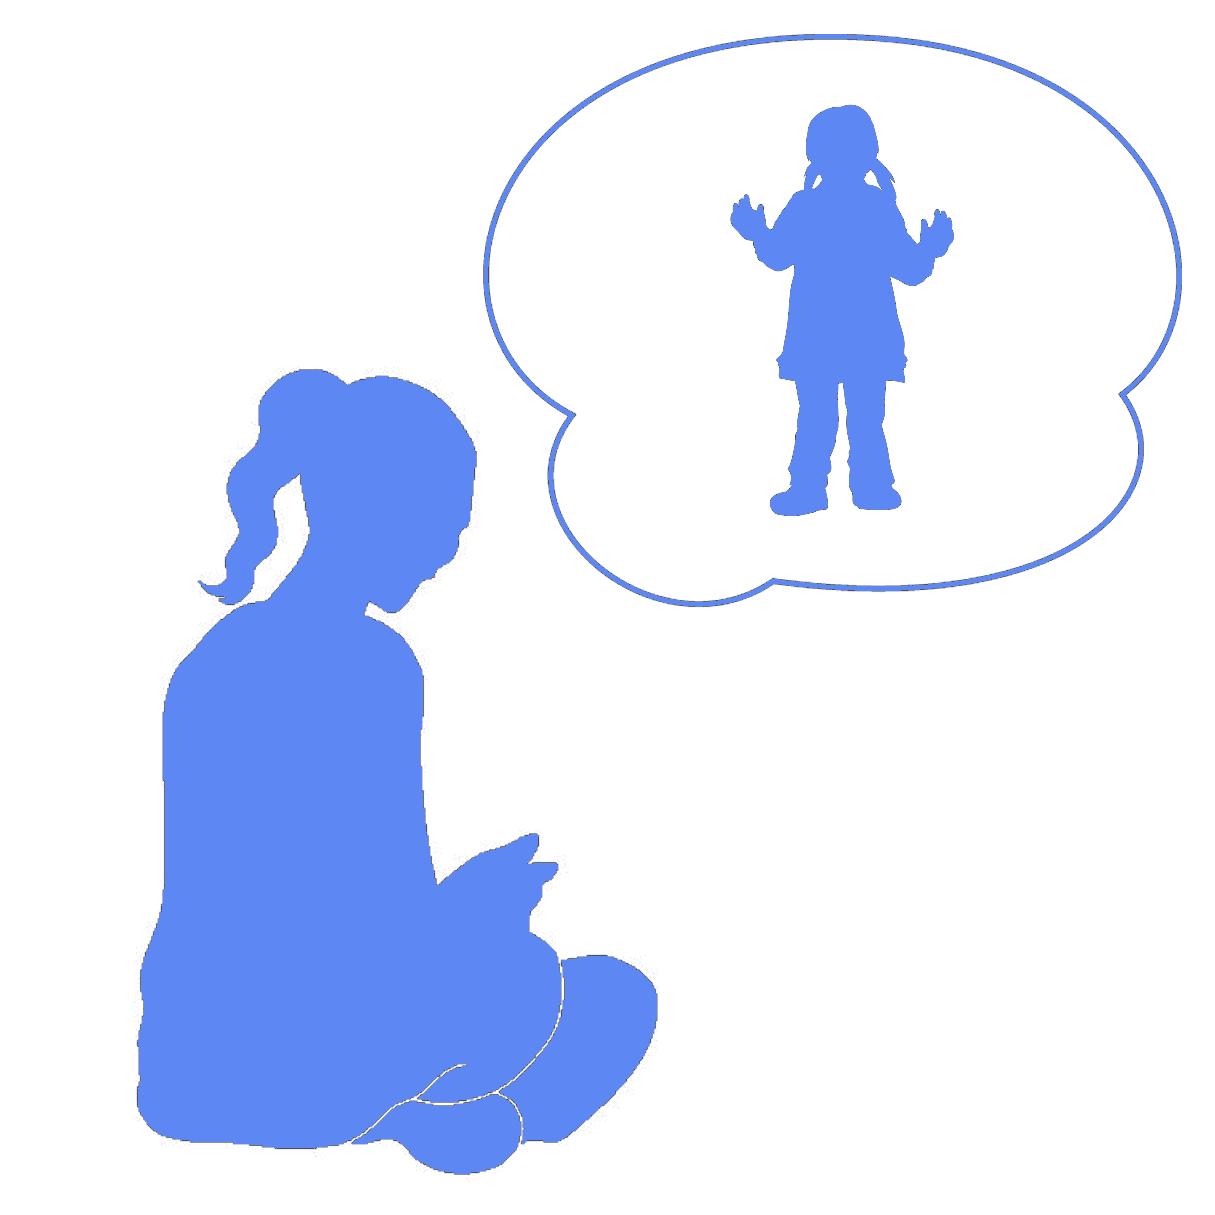 インナーチャイルドセラピー(退行催眠)を表しているイメージ